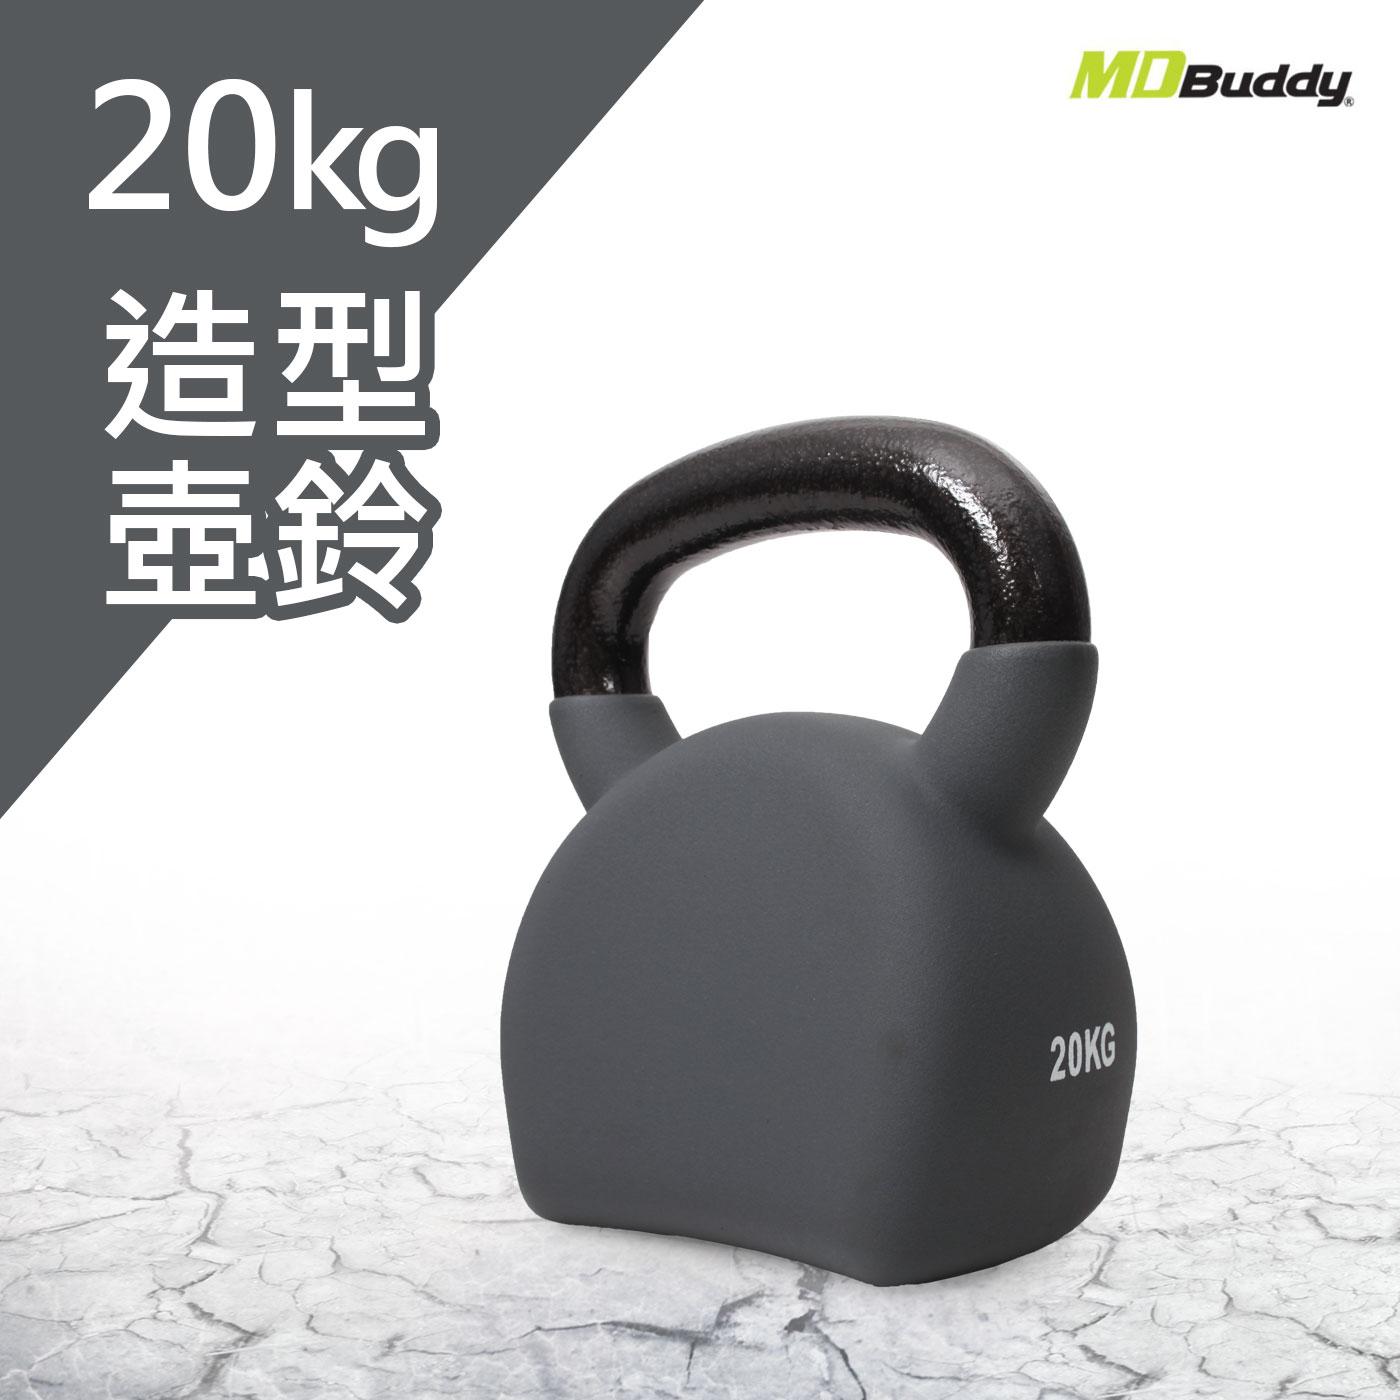 MDBuddy (20KG)造型壺鈴 6024301